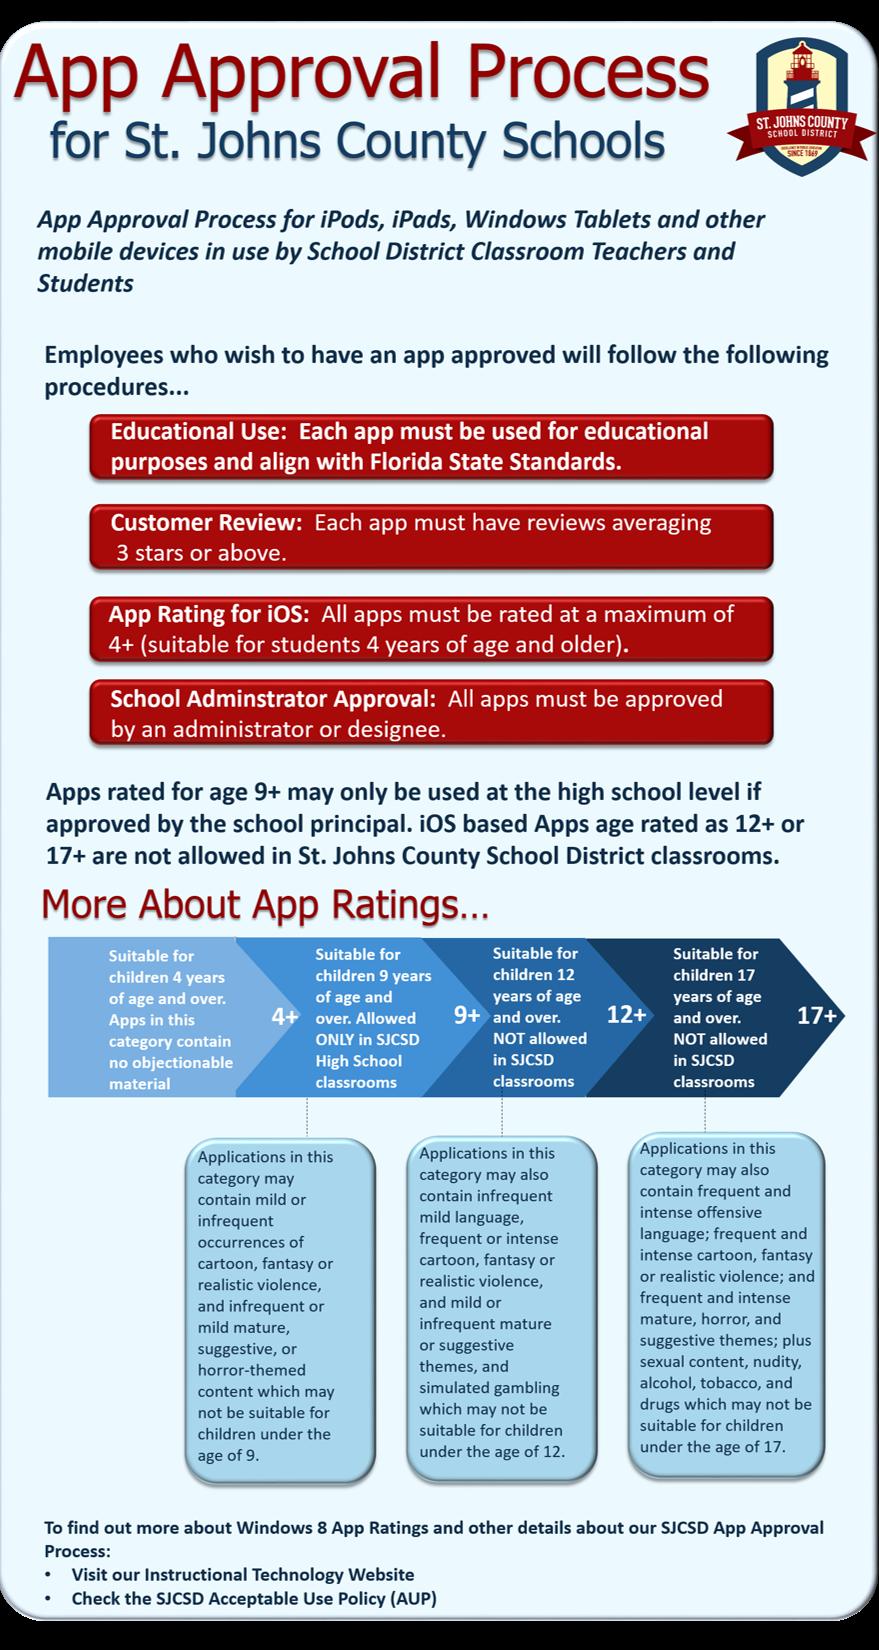 app_approval_process_sjcsd_5